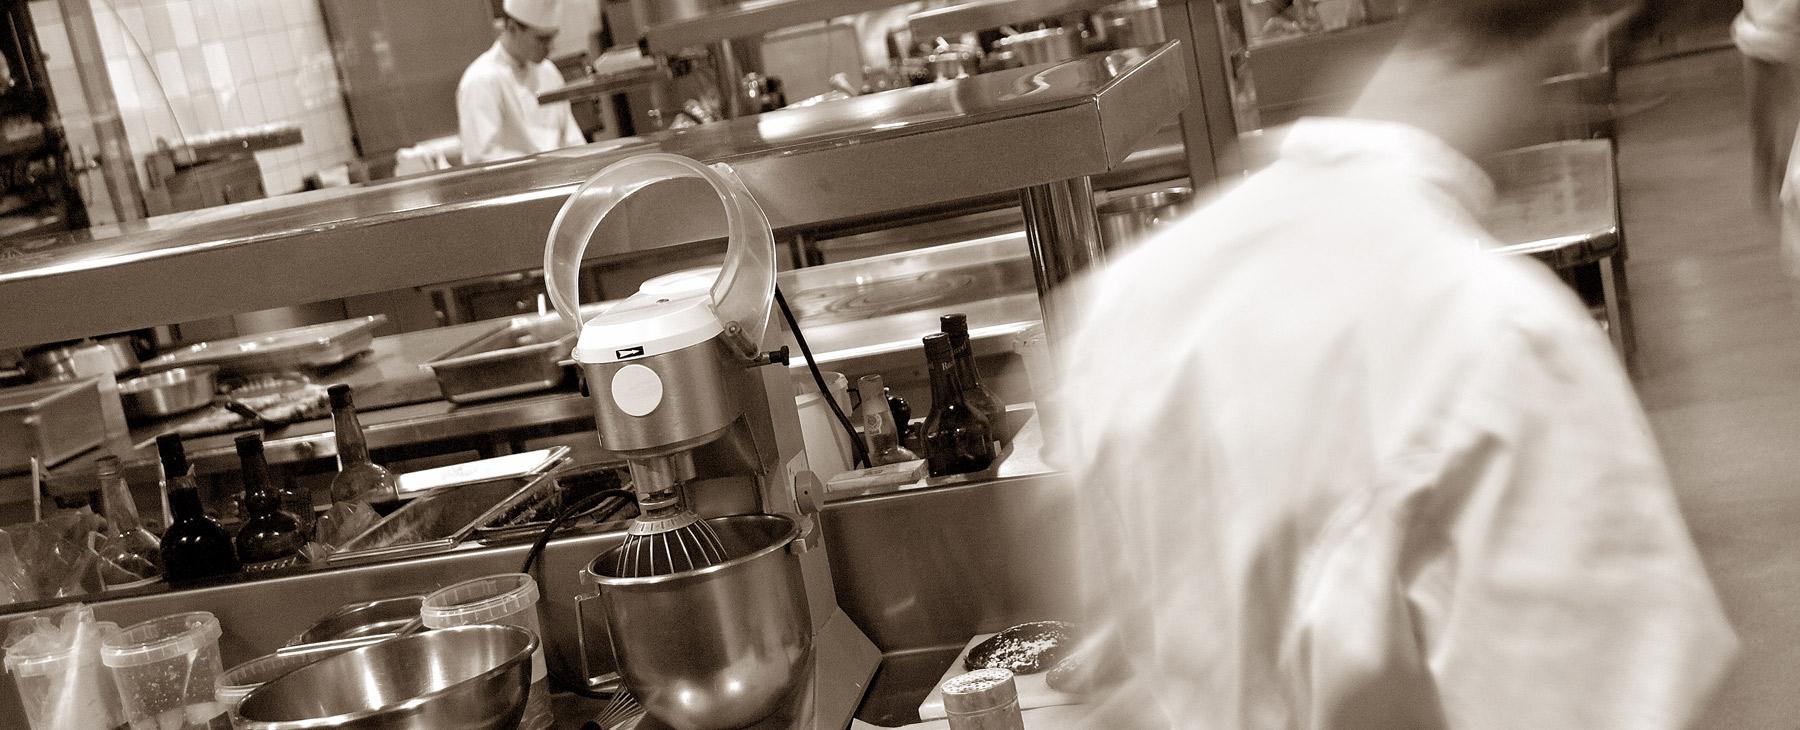 Auberge relais du pitaval brullioles restauration lyon et dans le rhone - Cours de cuisine bouches du rhone ...